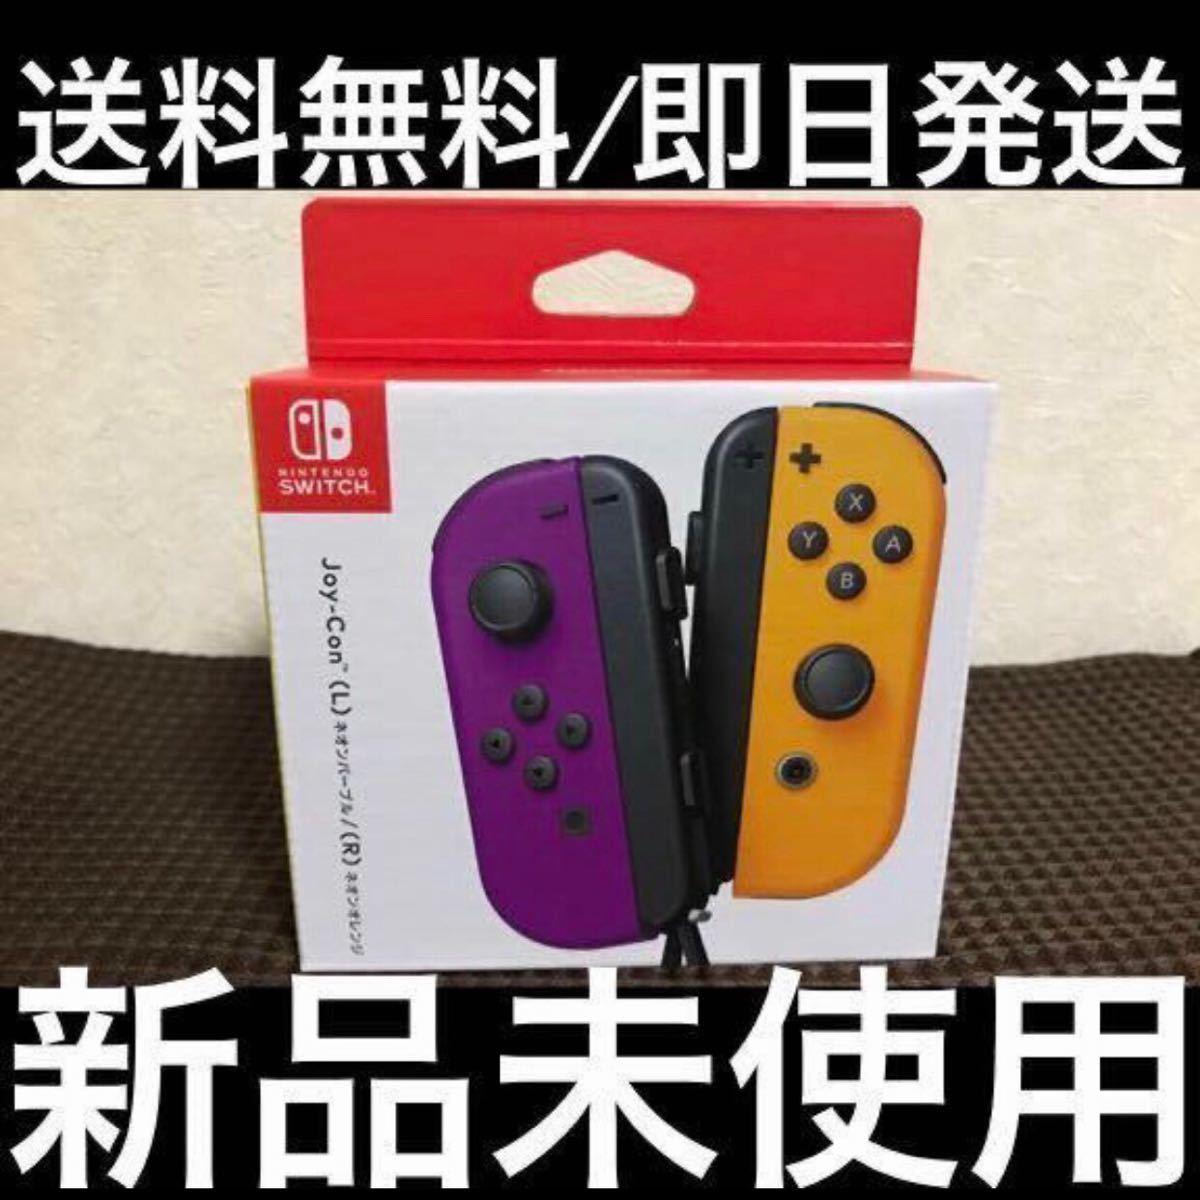 【新品未使用/即日発送】Nintendo Switch Joy-Con ジョイコン ネオンパープル(L)/ネオンオレンジ(R)